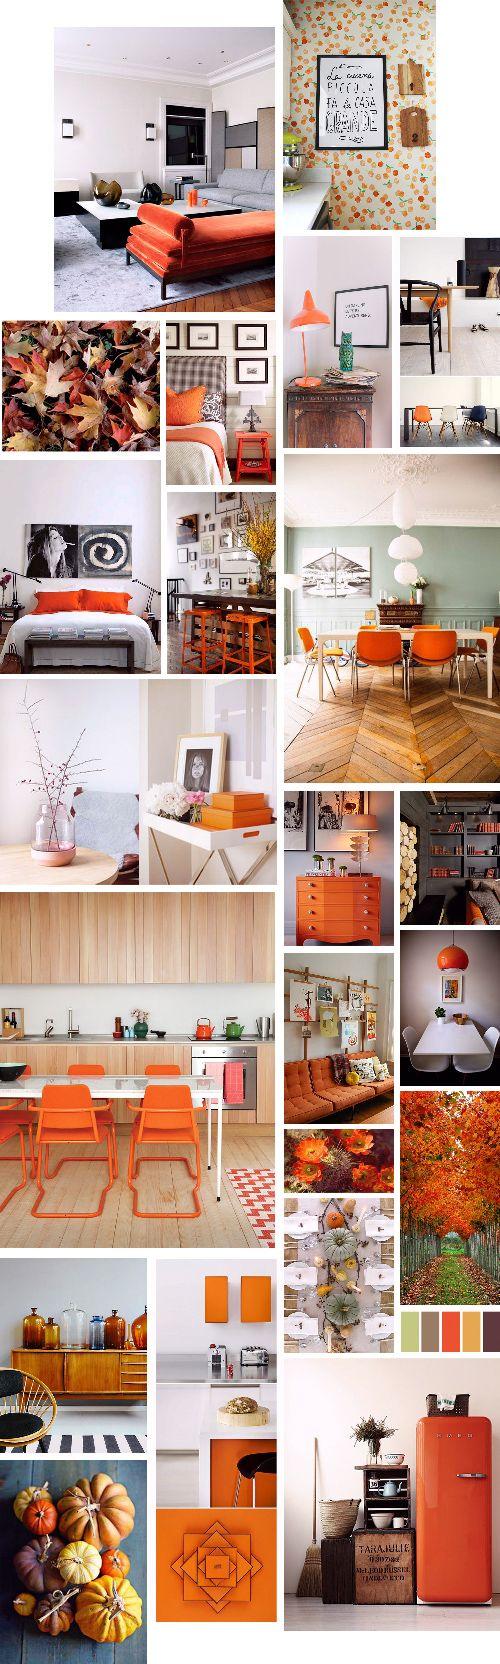 Autumn interiors inspo